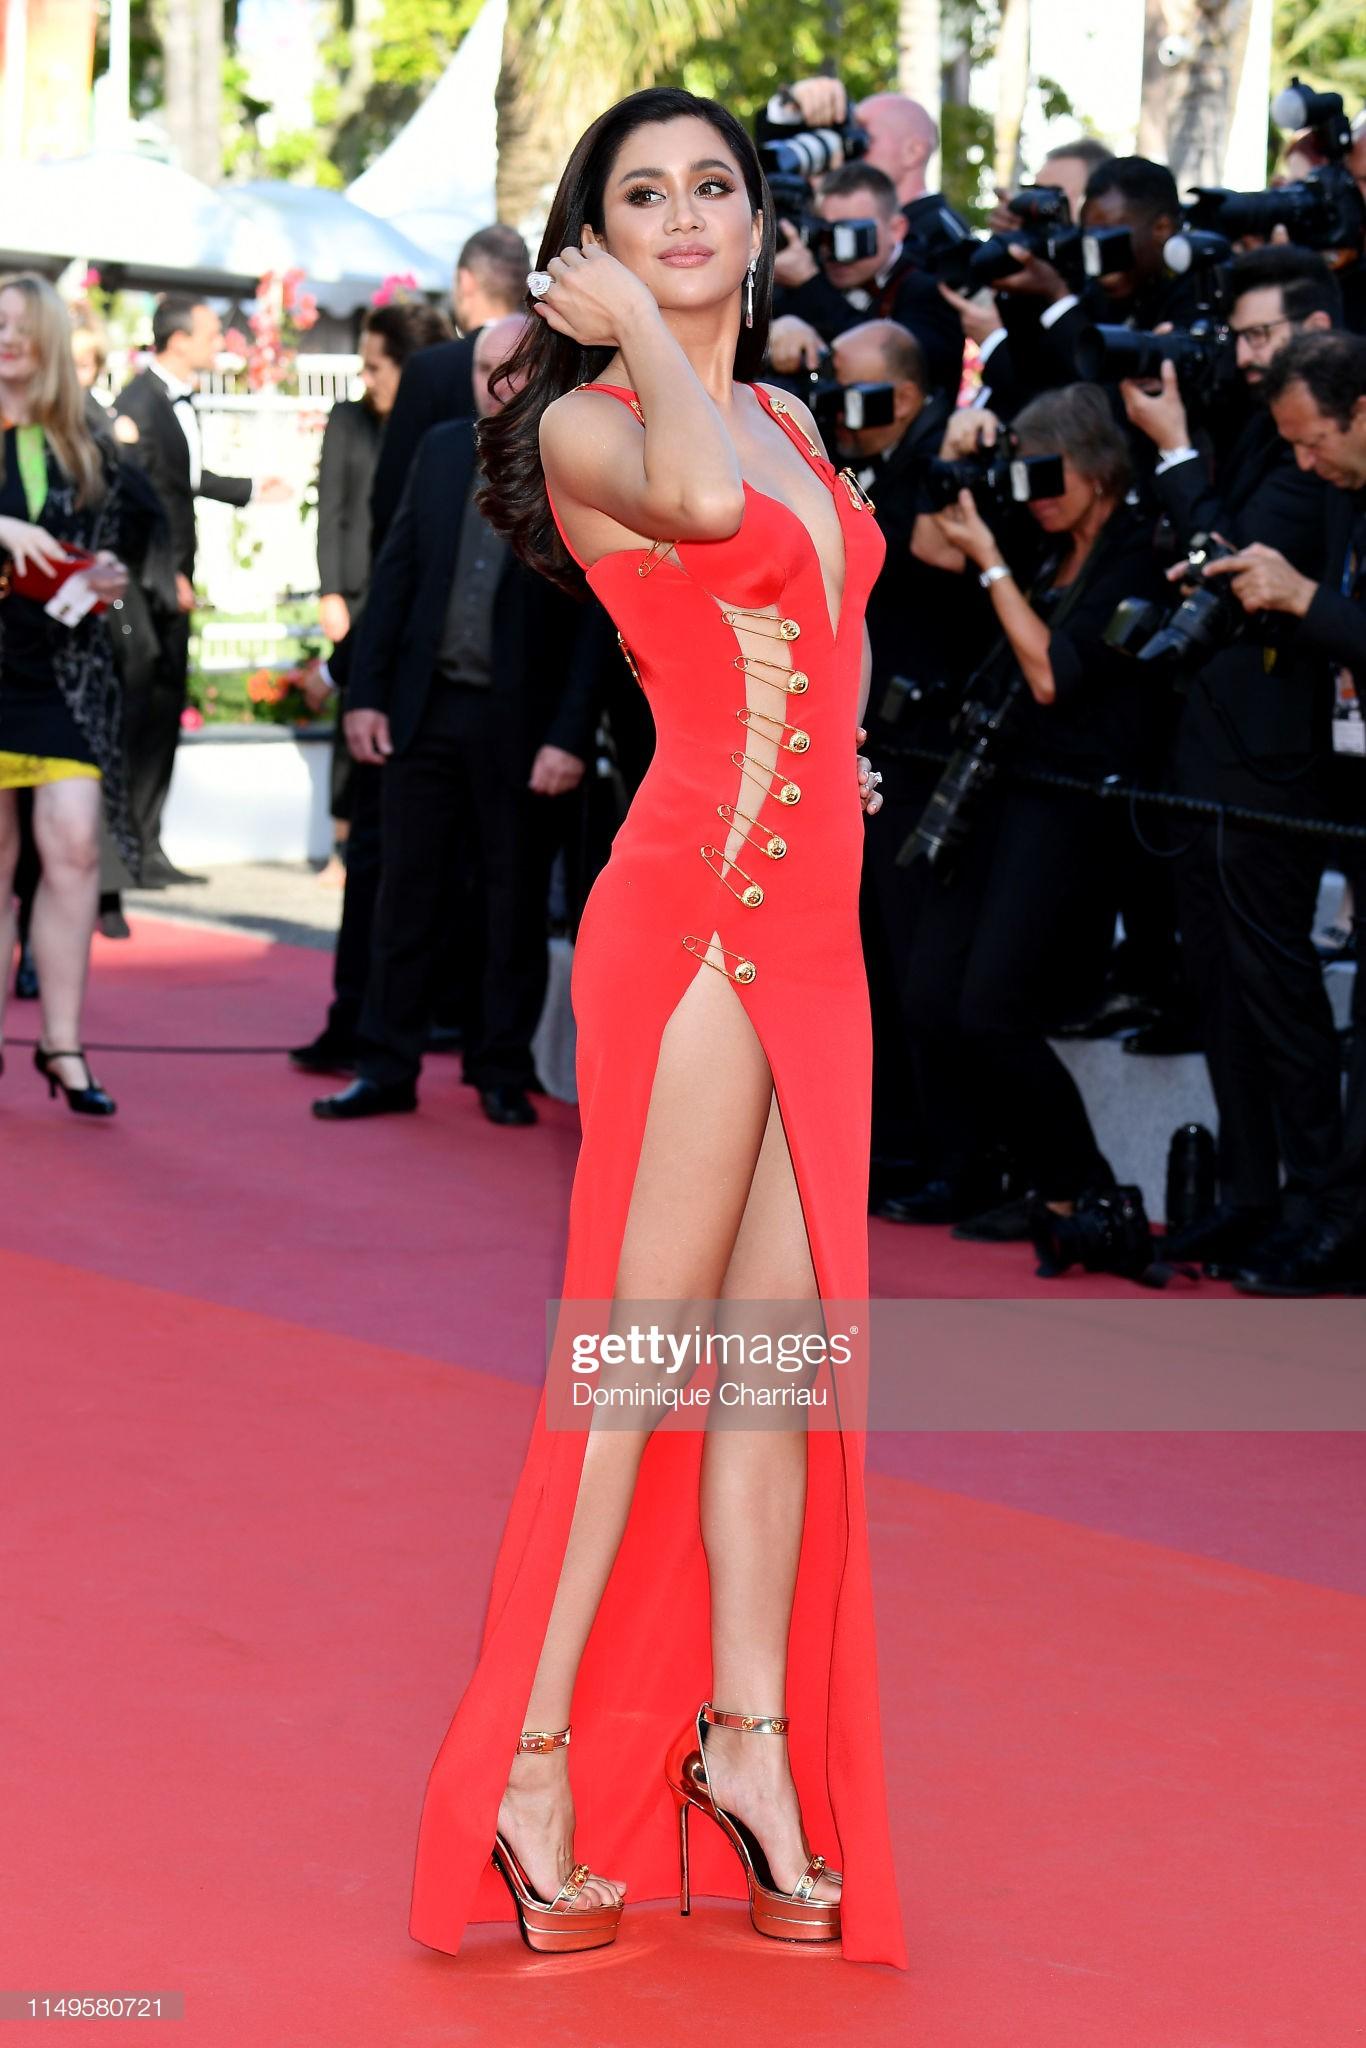 Thảm đỏ Cannes ngày 3: HLV The Face Thái Lan bất ngờ vùng lên chặt chém Bella Hadid cùng dàn mỹ nhân váy xẻ - Ảnh 21.